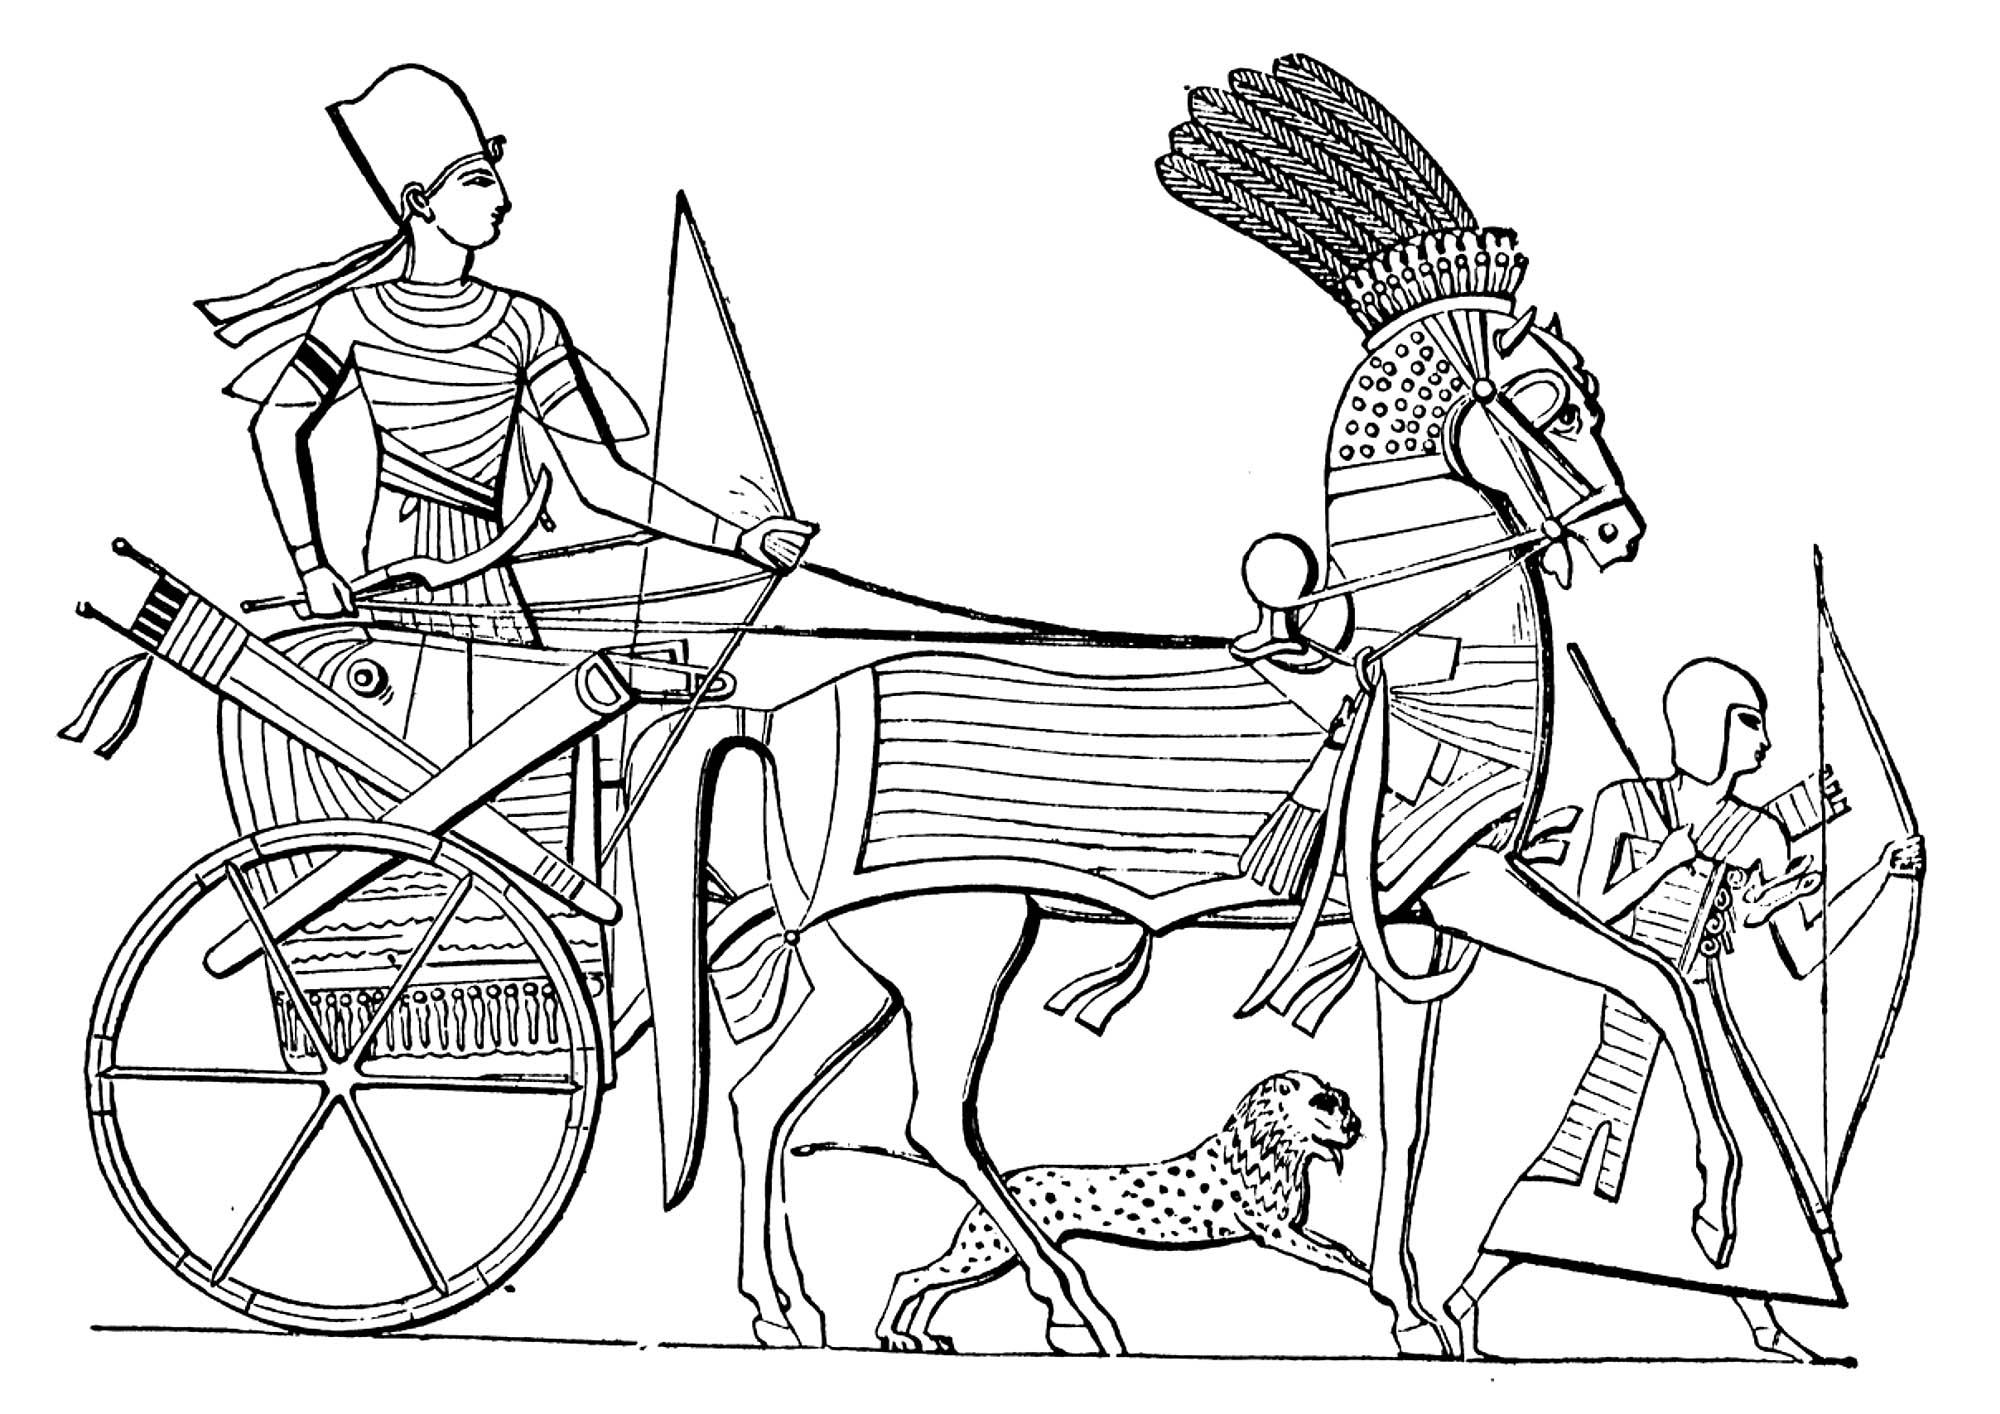 Colorear para adultos  : Egipto y Jeroglíficos - 16